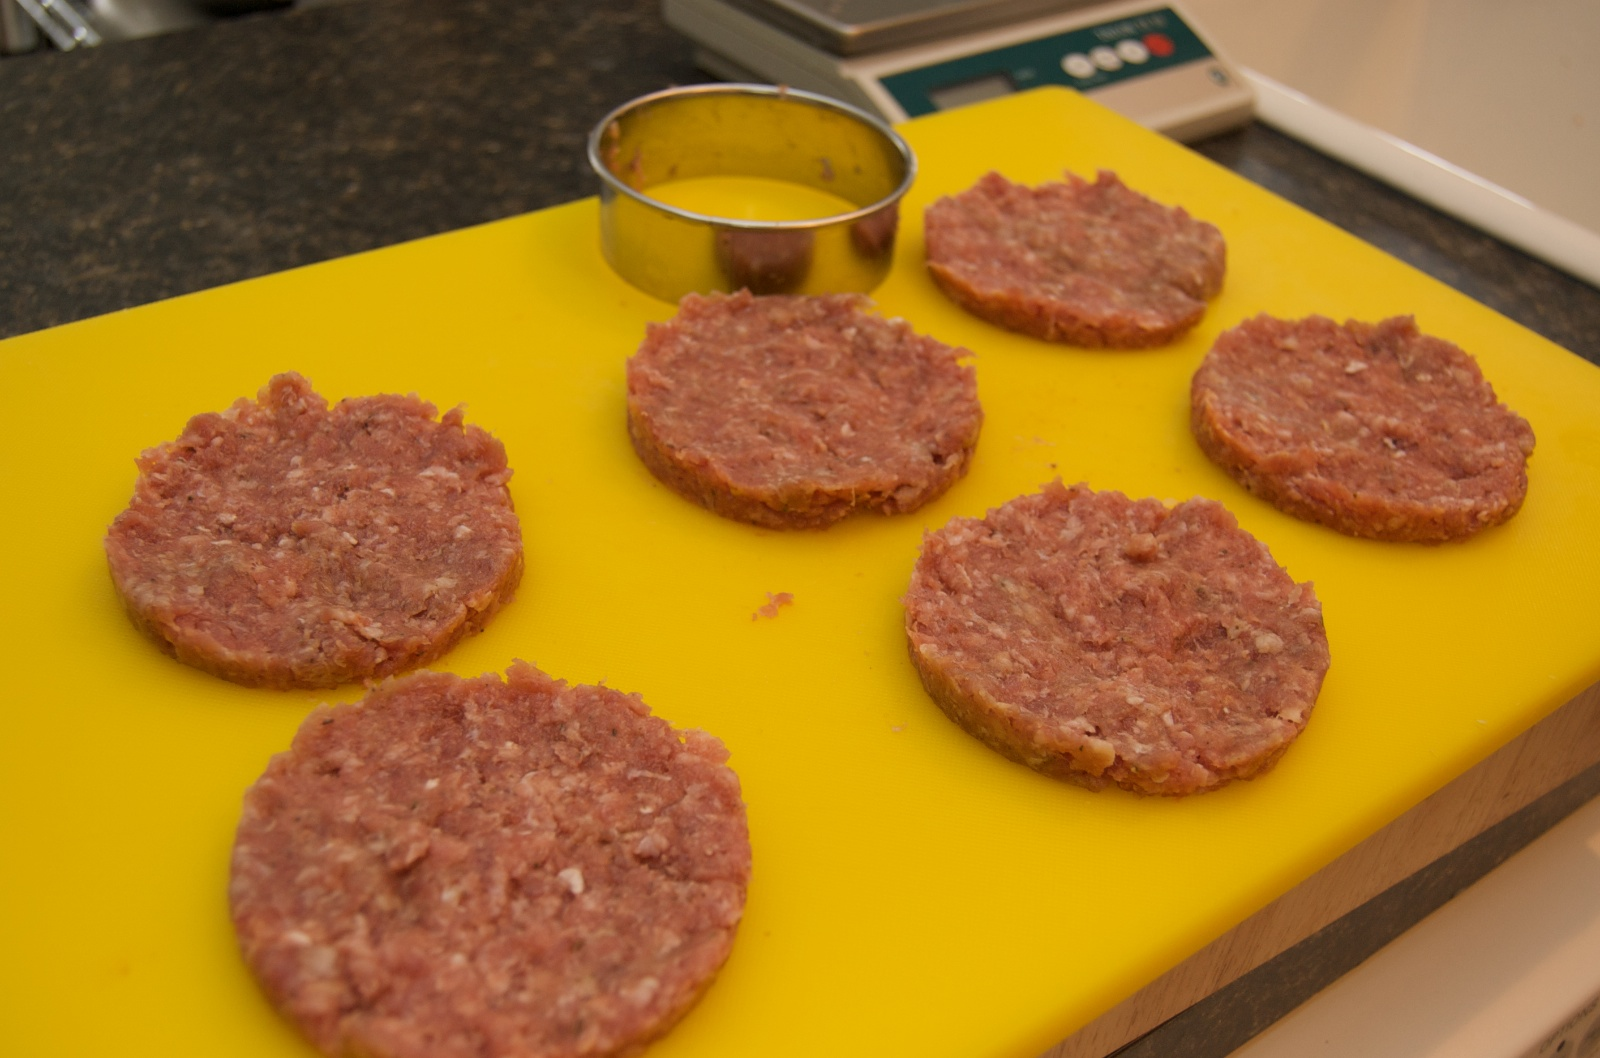 http://blog.rickk.com/food/2010/06/27/breakfastsandwich2.jpg